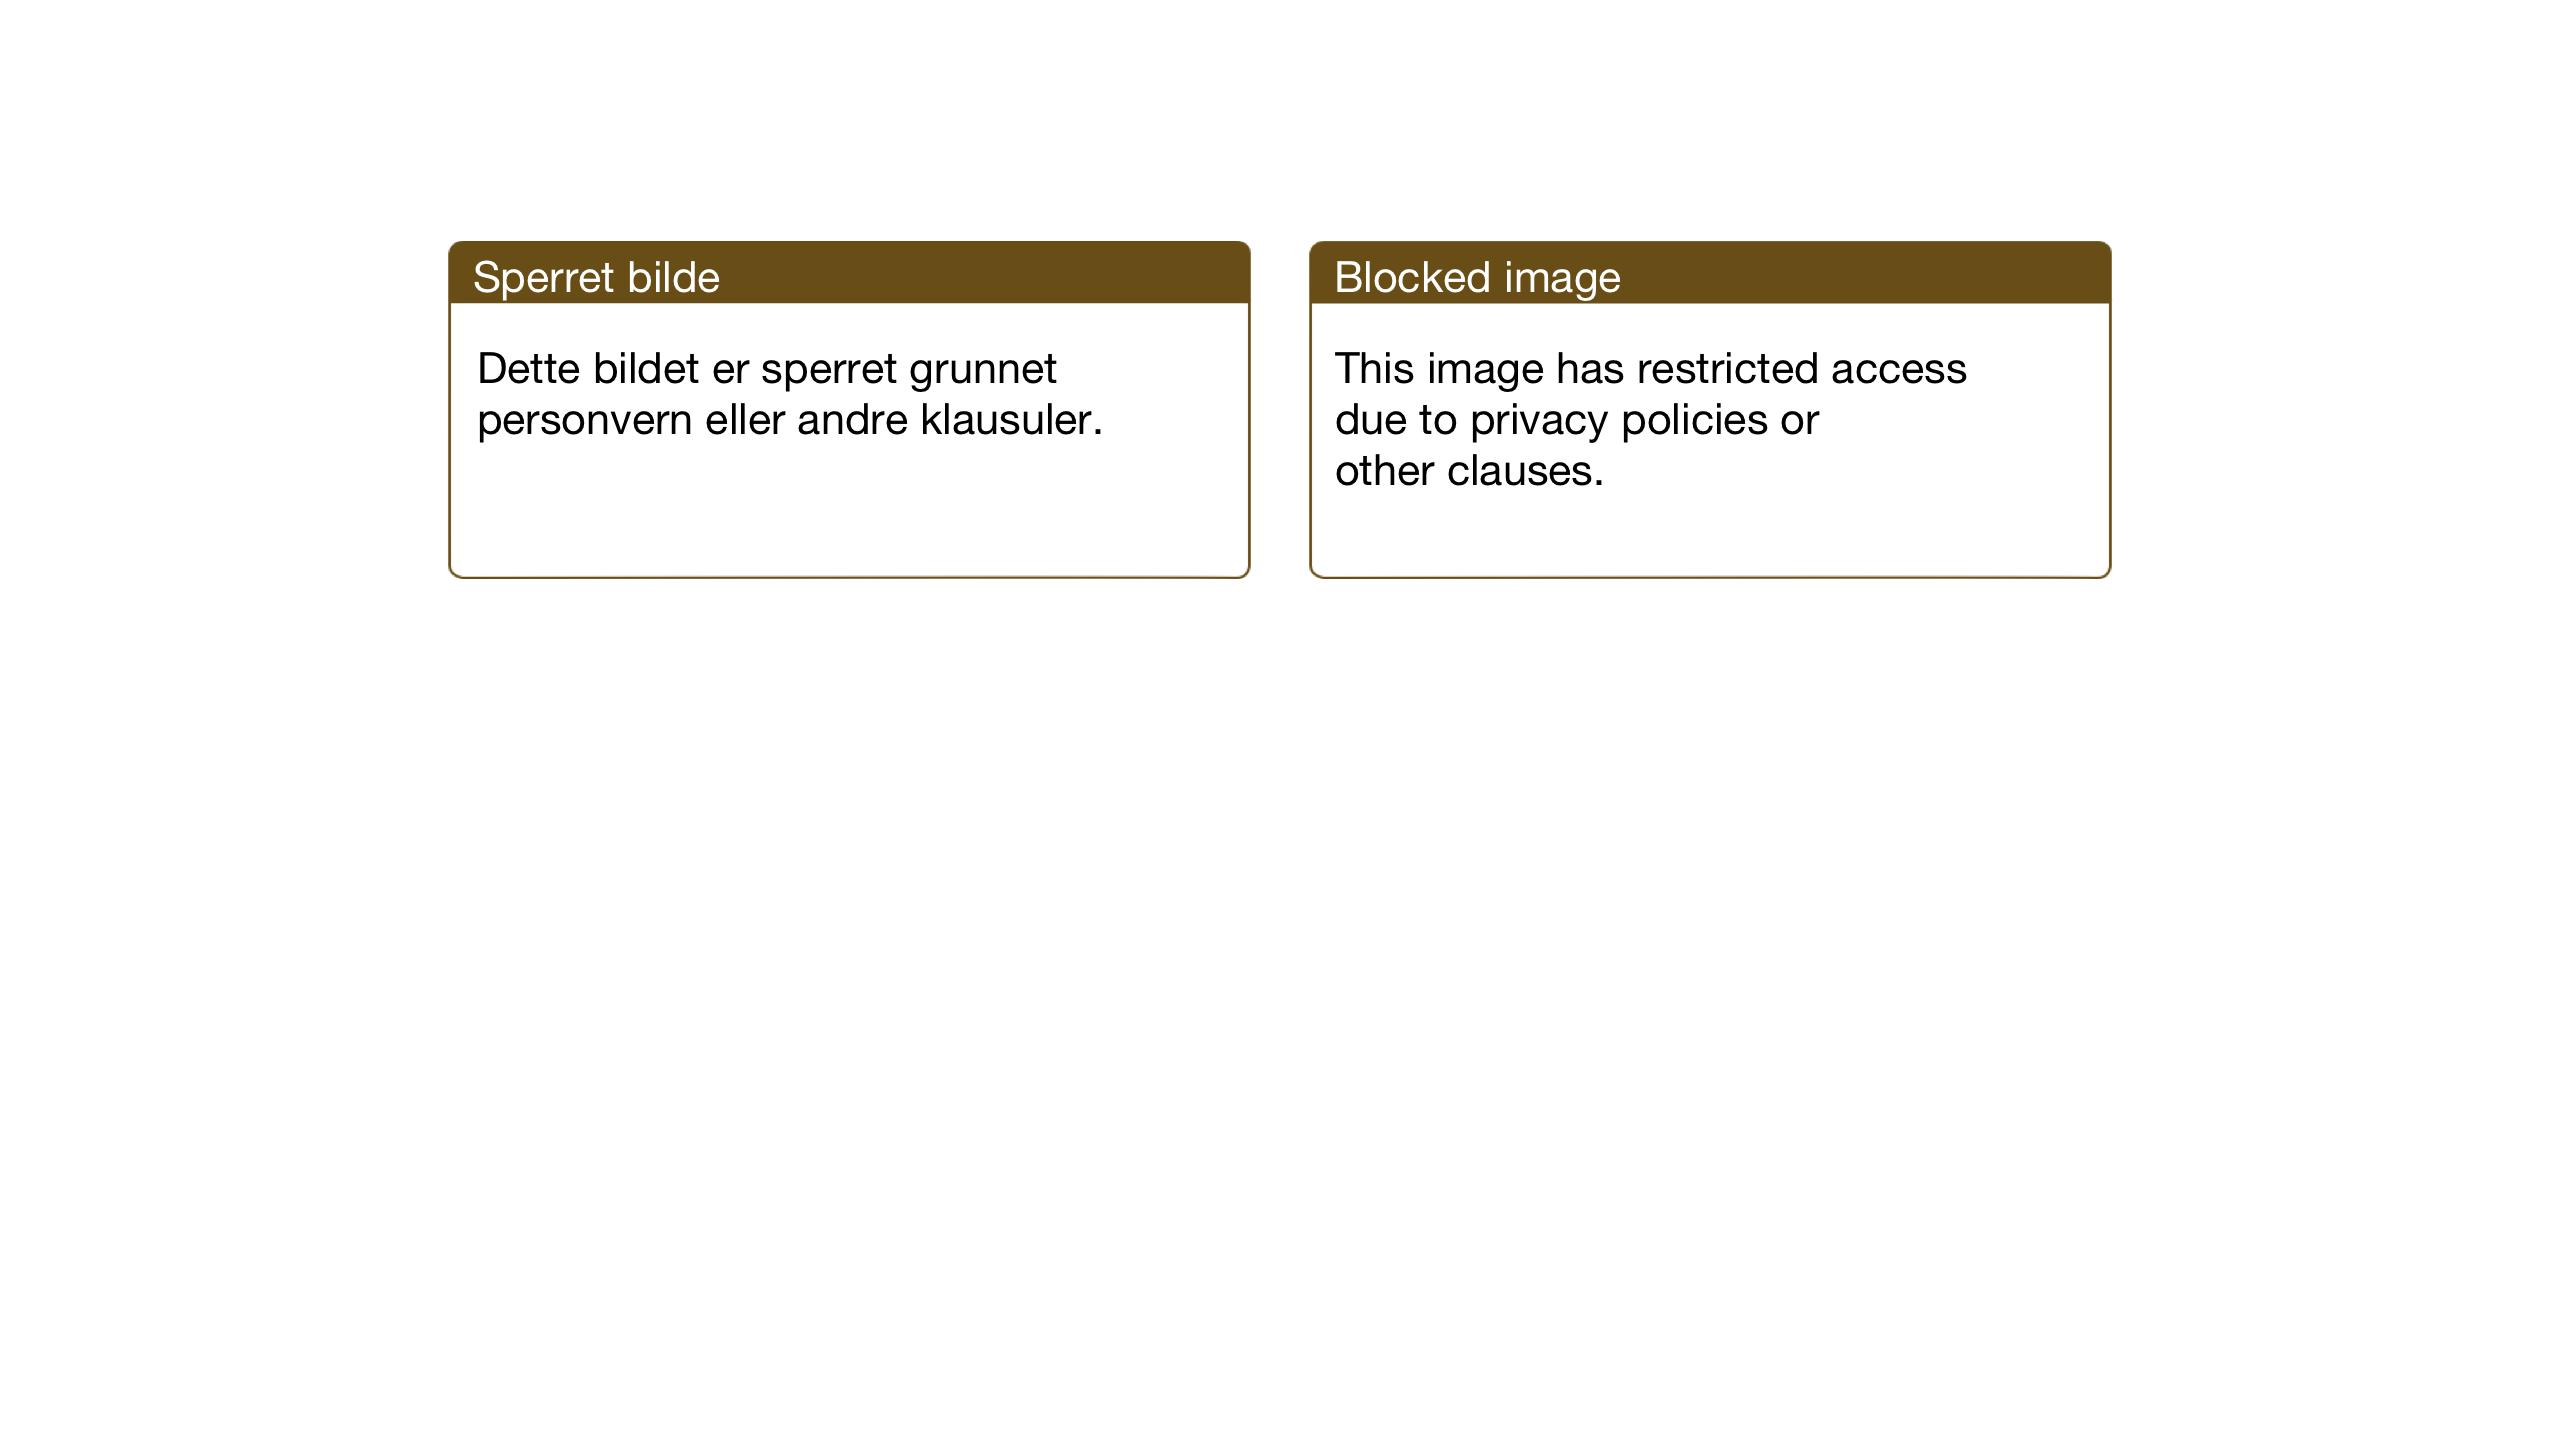 SAT, Ministerialprotokoller, klokkerbøker og fødselsregistre - Sør-Trøndelag, 640/L0589: Klokkerbok nr. 640C06, 1922-1934, s. 68